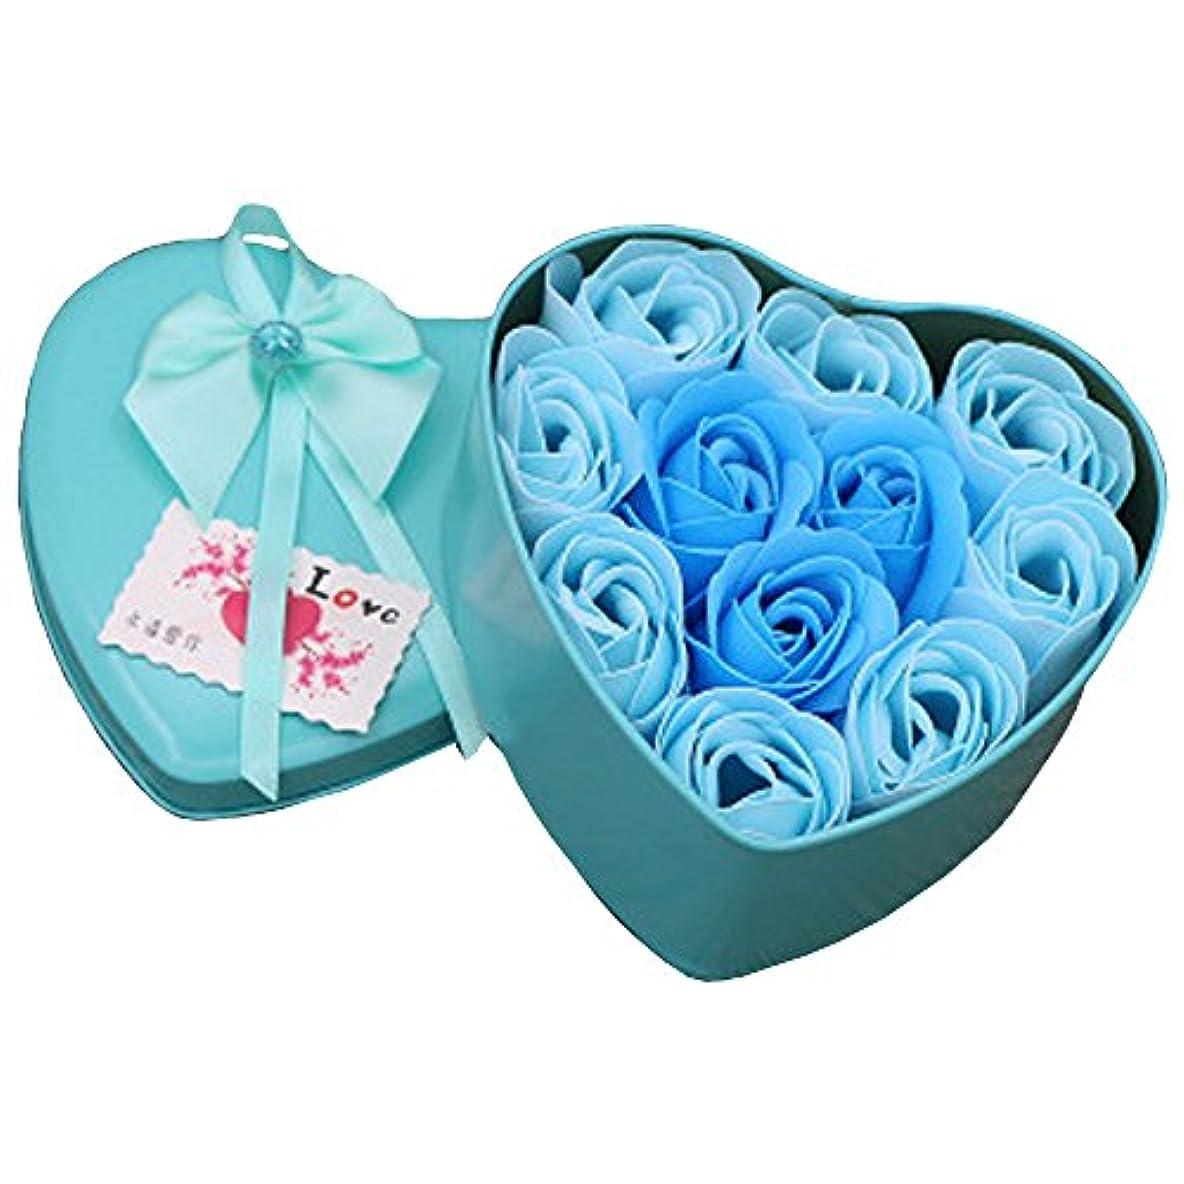 すり減る絶望iCoole ソープフラワー 石鹸花 ハードフラワー形状 ギフトボックス入り 母の日 バレンタインデー お誕生日 ギフト